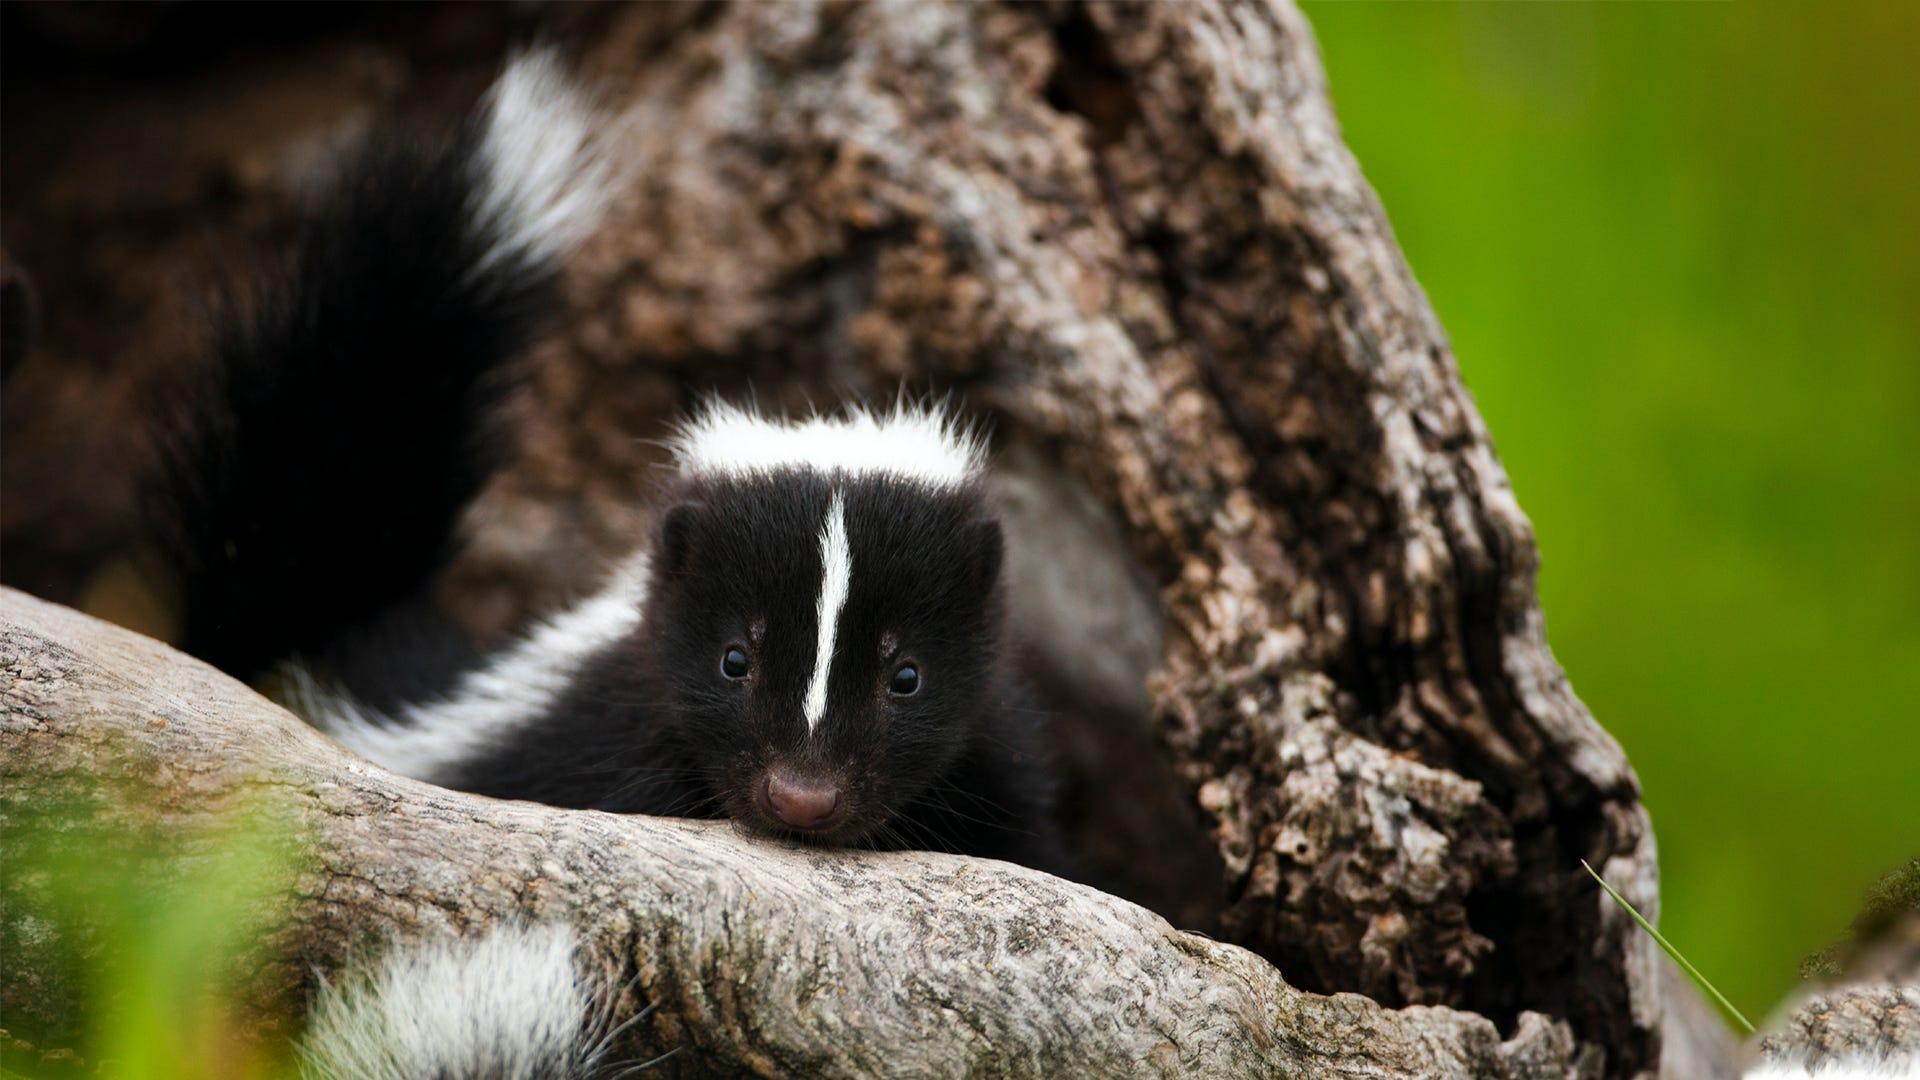 Get Rid of Skunks in 5 Easy Steps